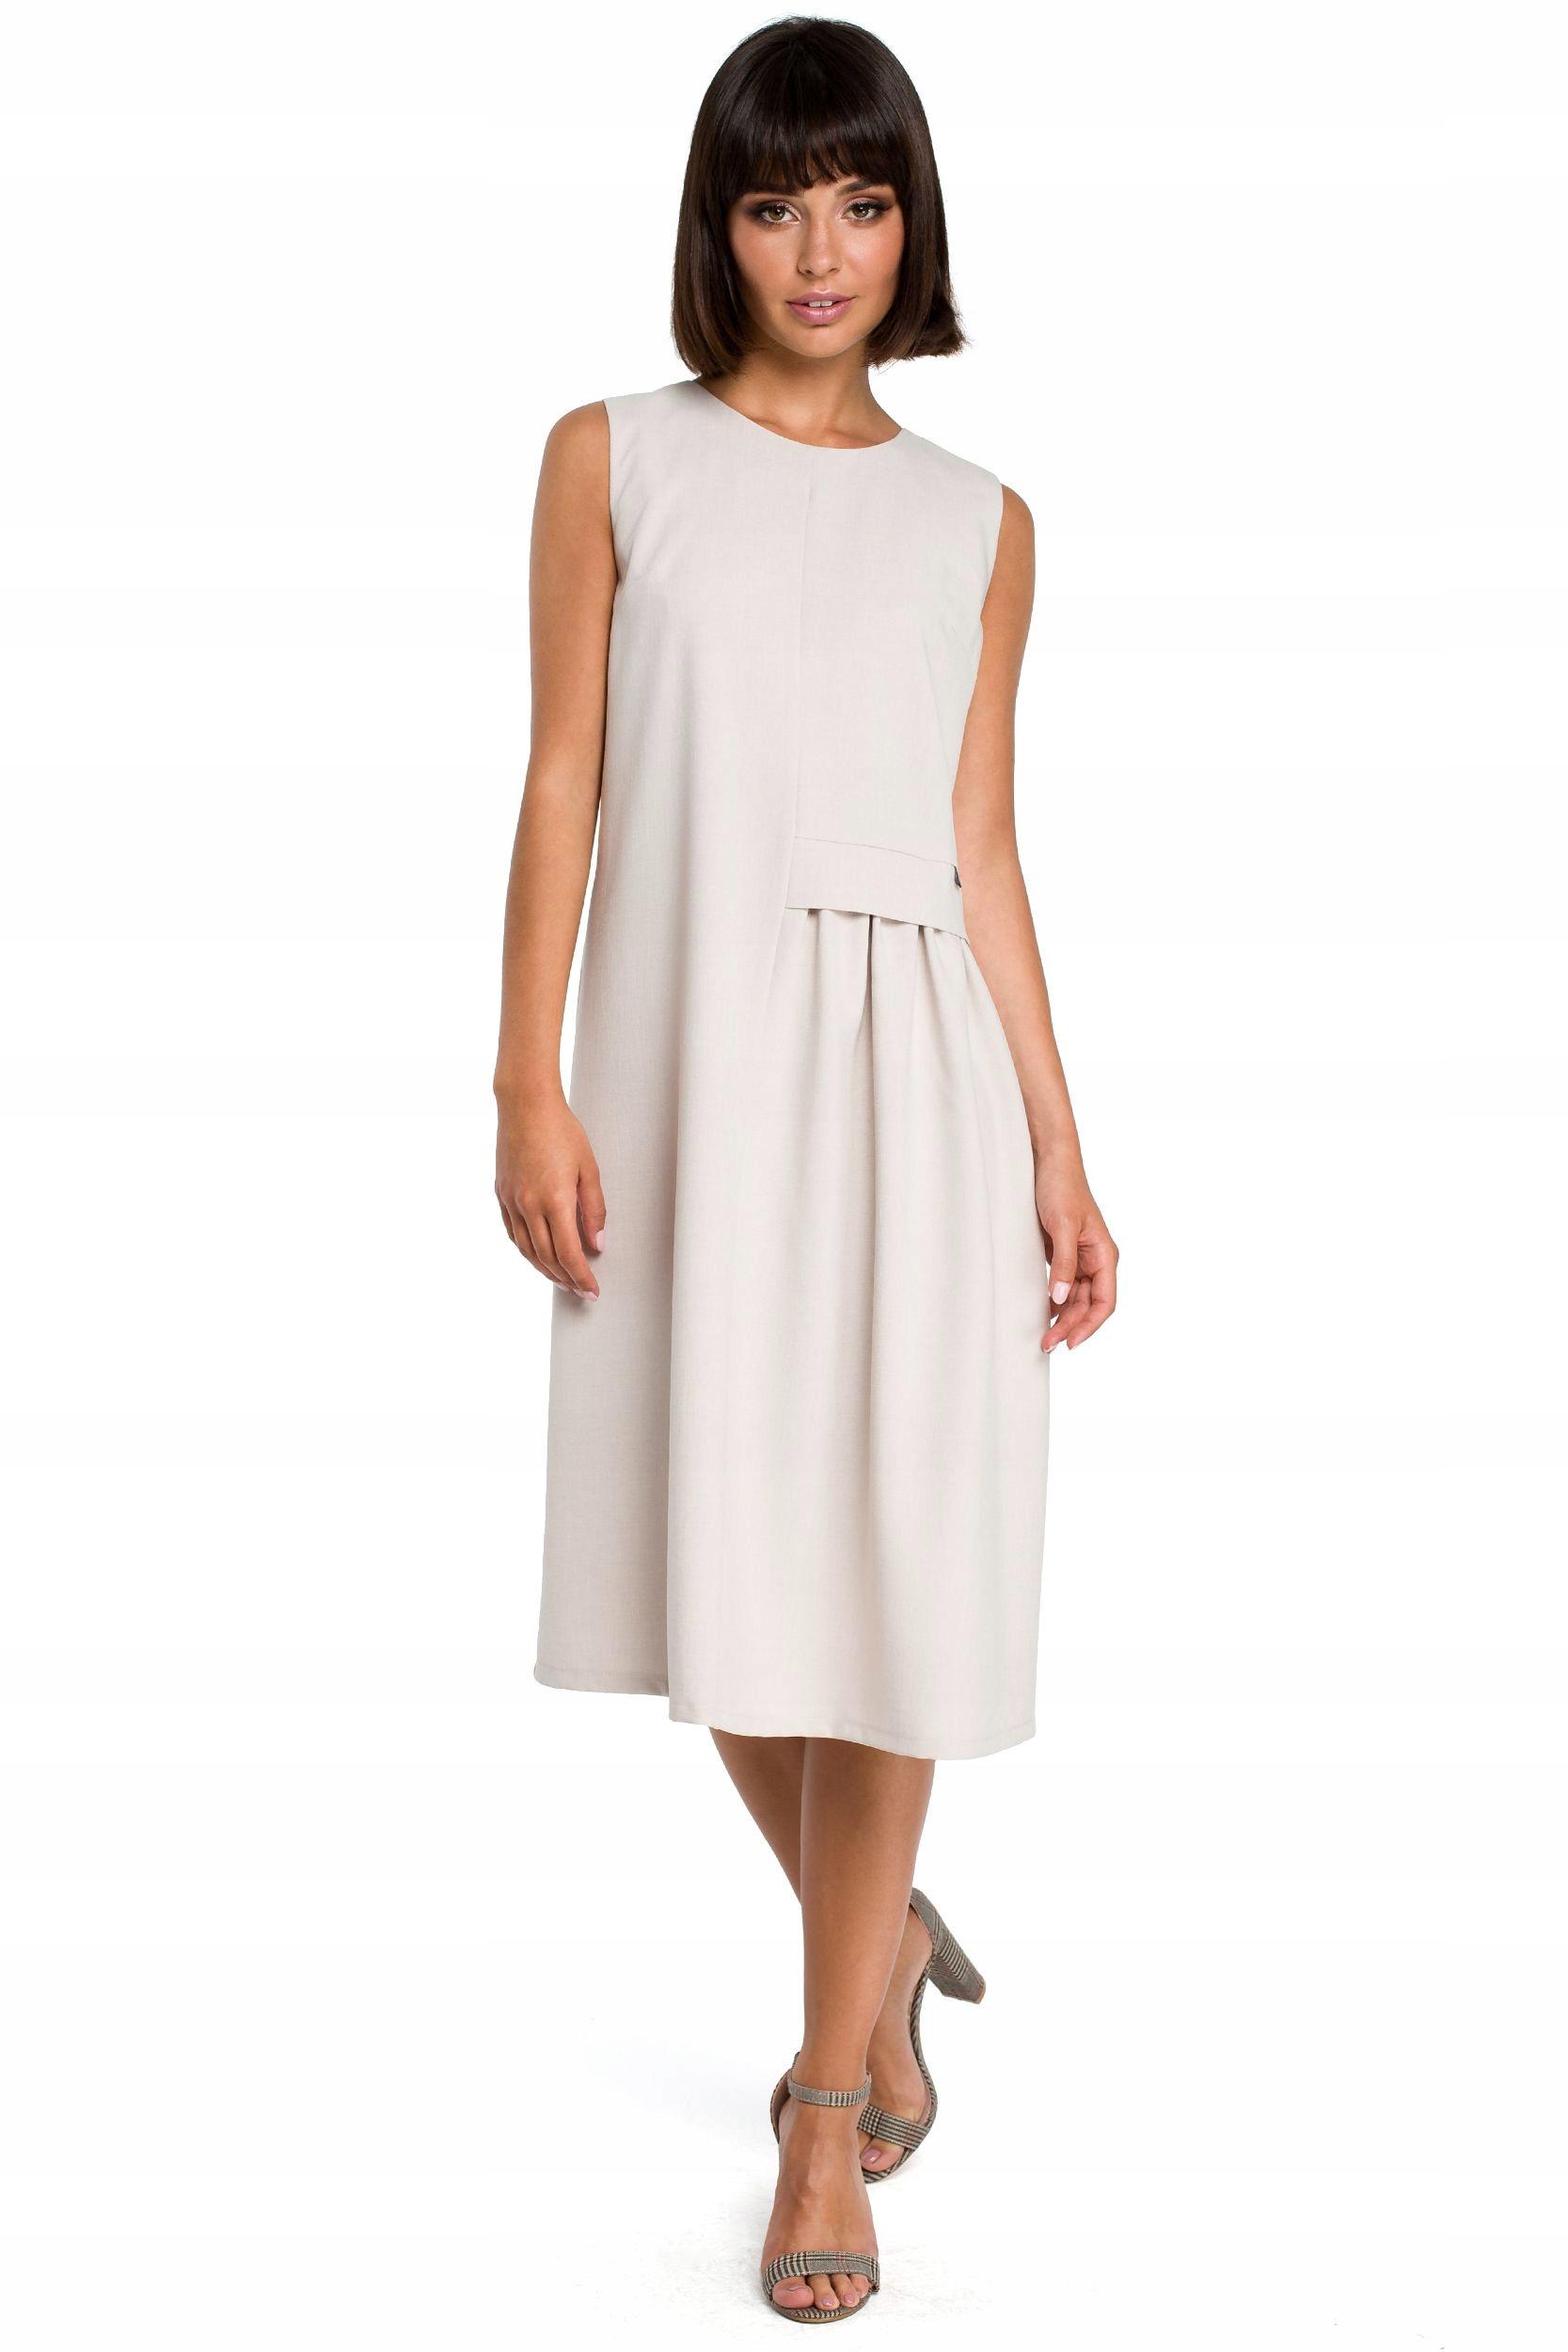 B080 Zwiewna sukienka midi bez rękawów - beżowa 38